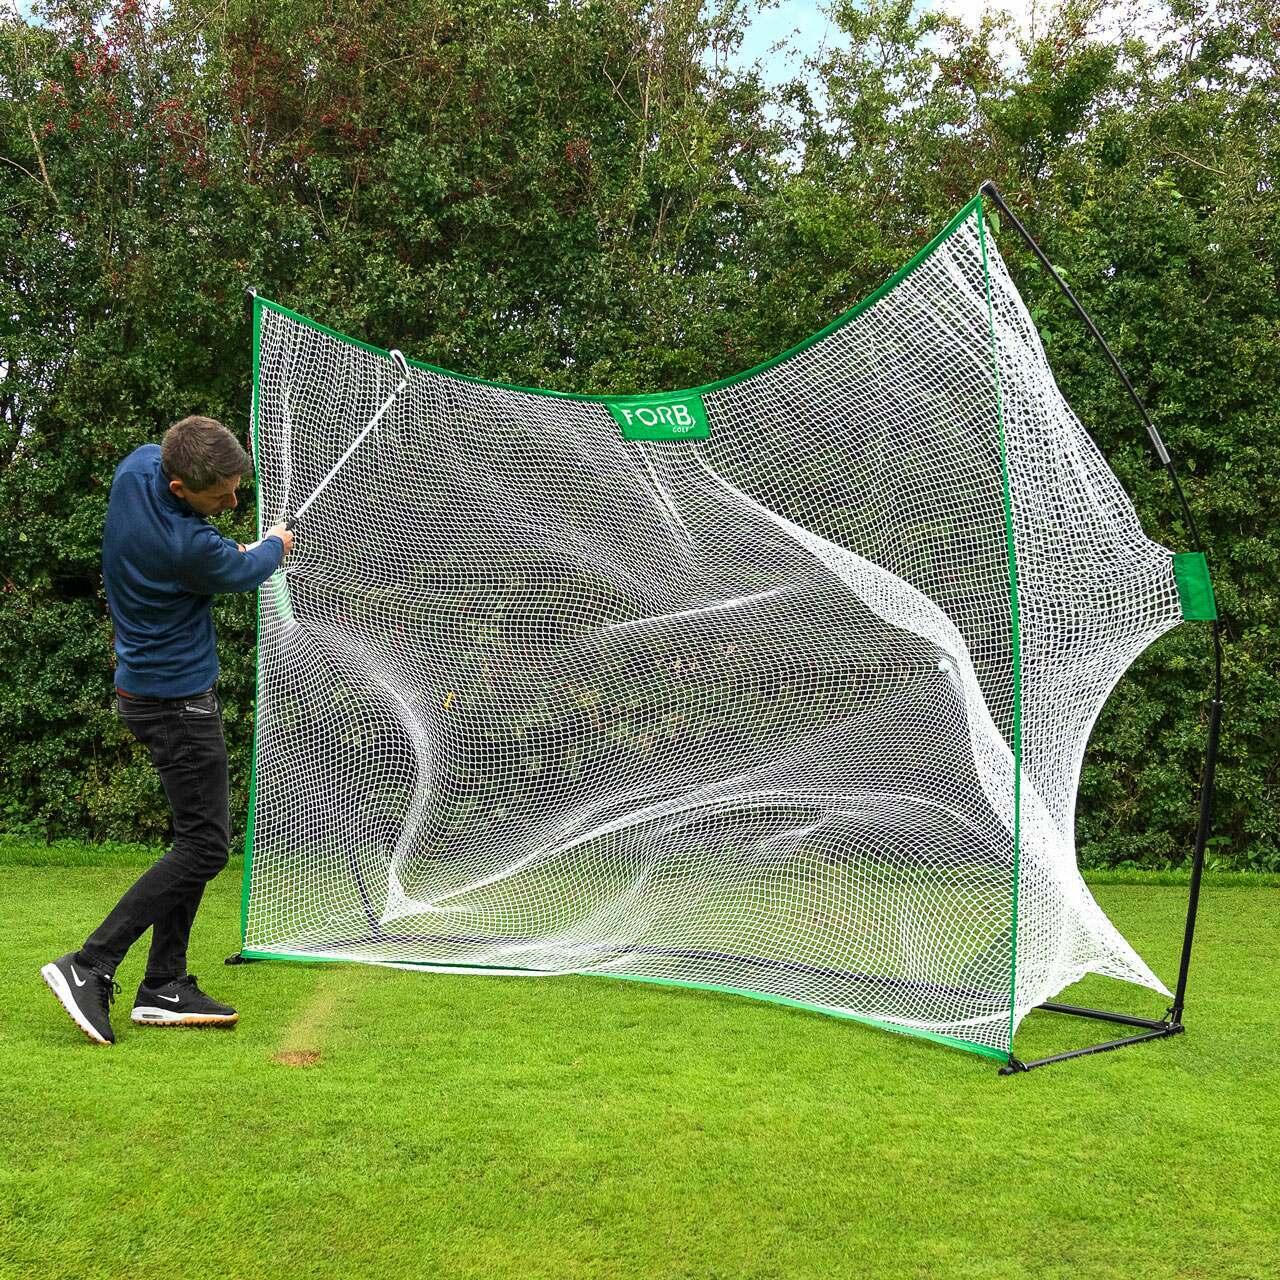 FORB Portable Garden Golf Net